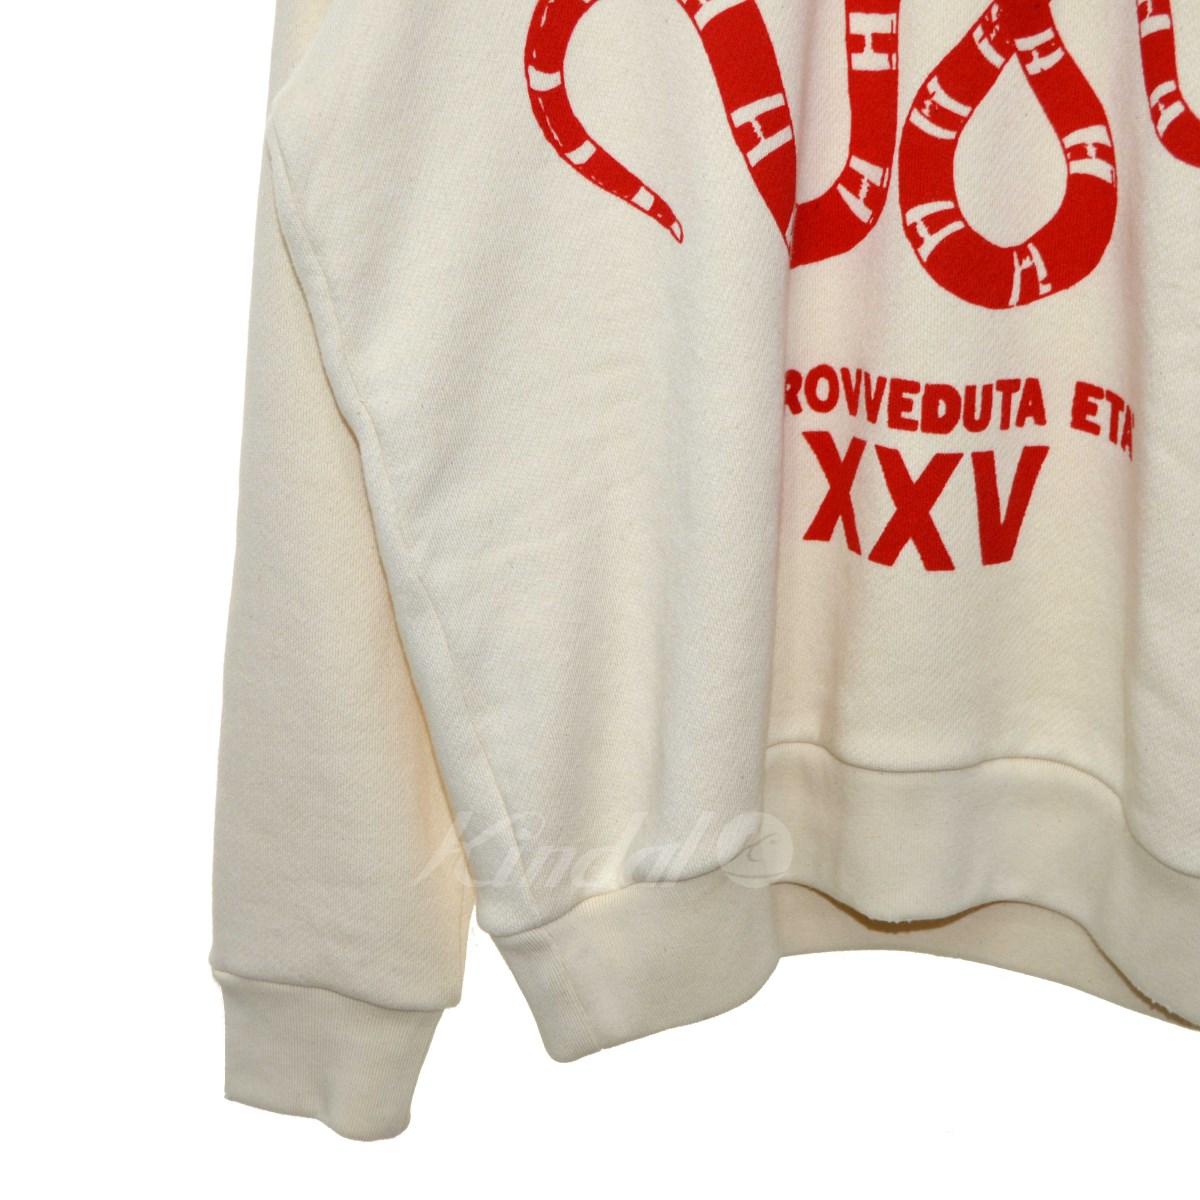 【】GUCCI2018SSGUCCIFYYOURSELFスネークプリントパーカーアイボリーサイズ:XS【送料無料】【210618】(グッチ)